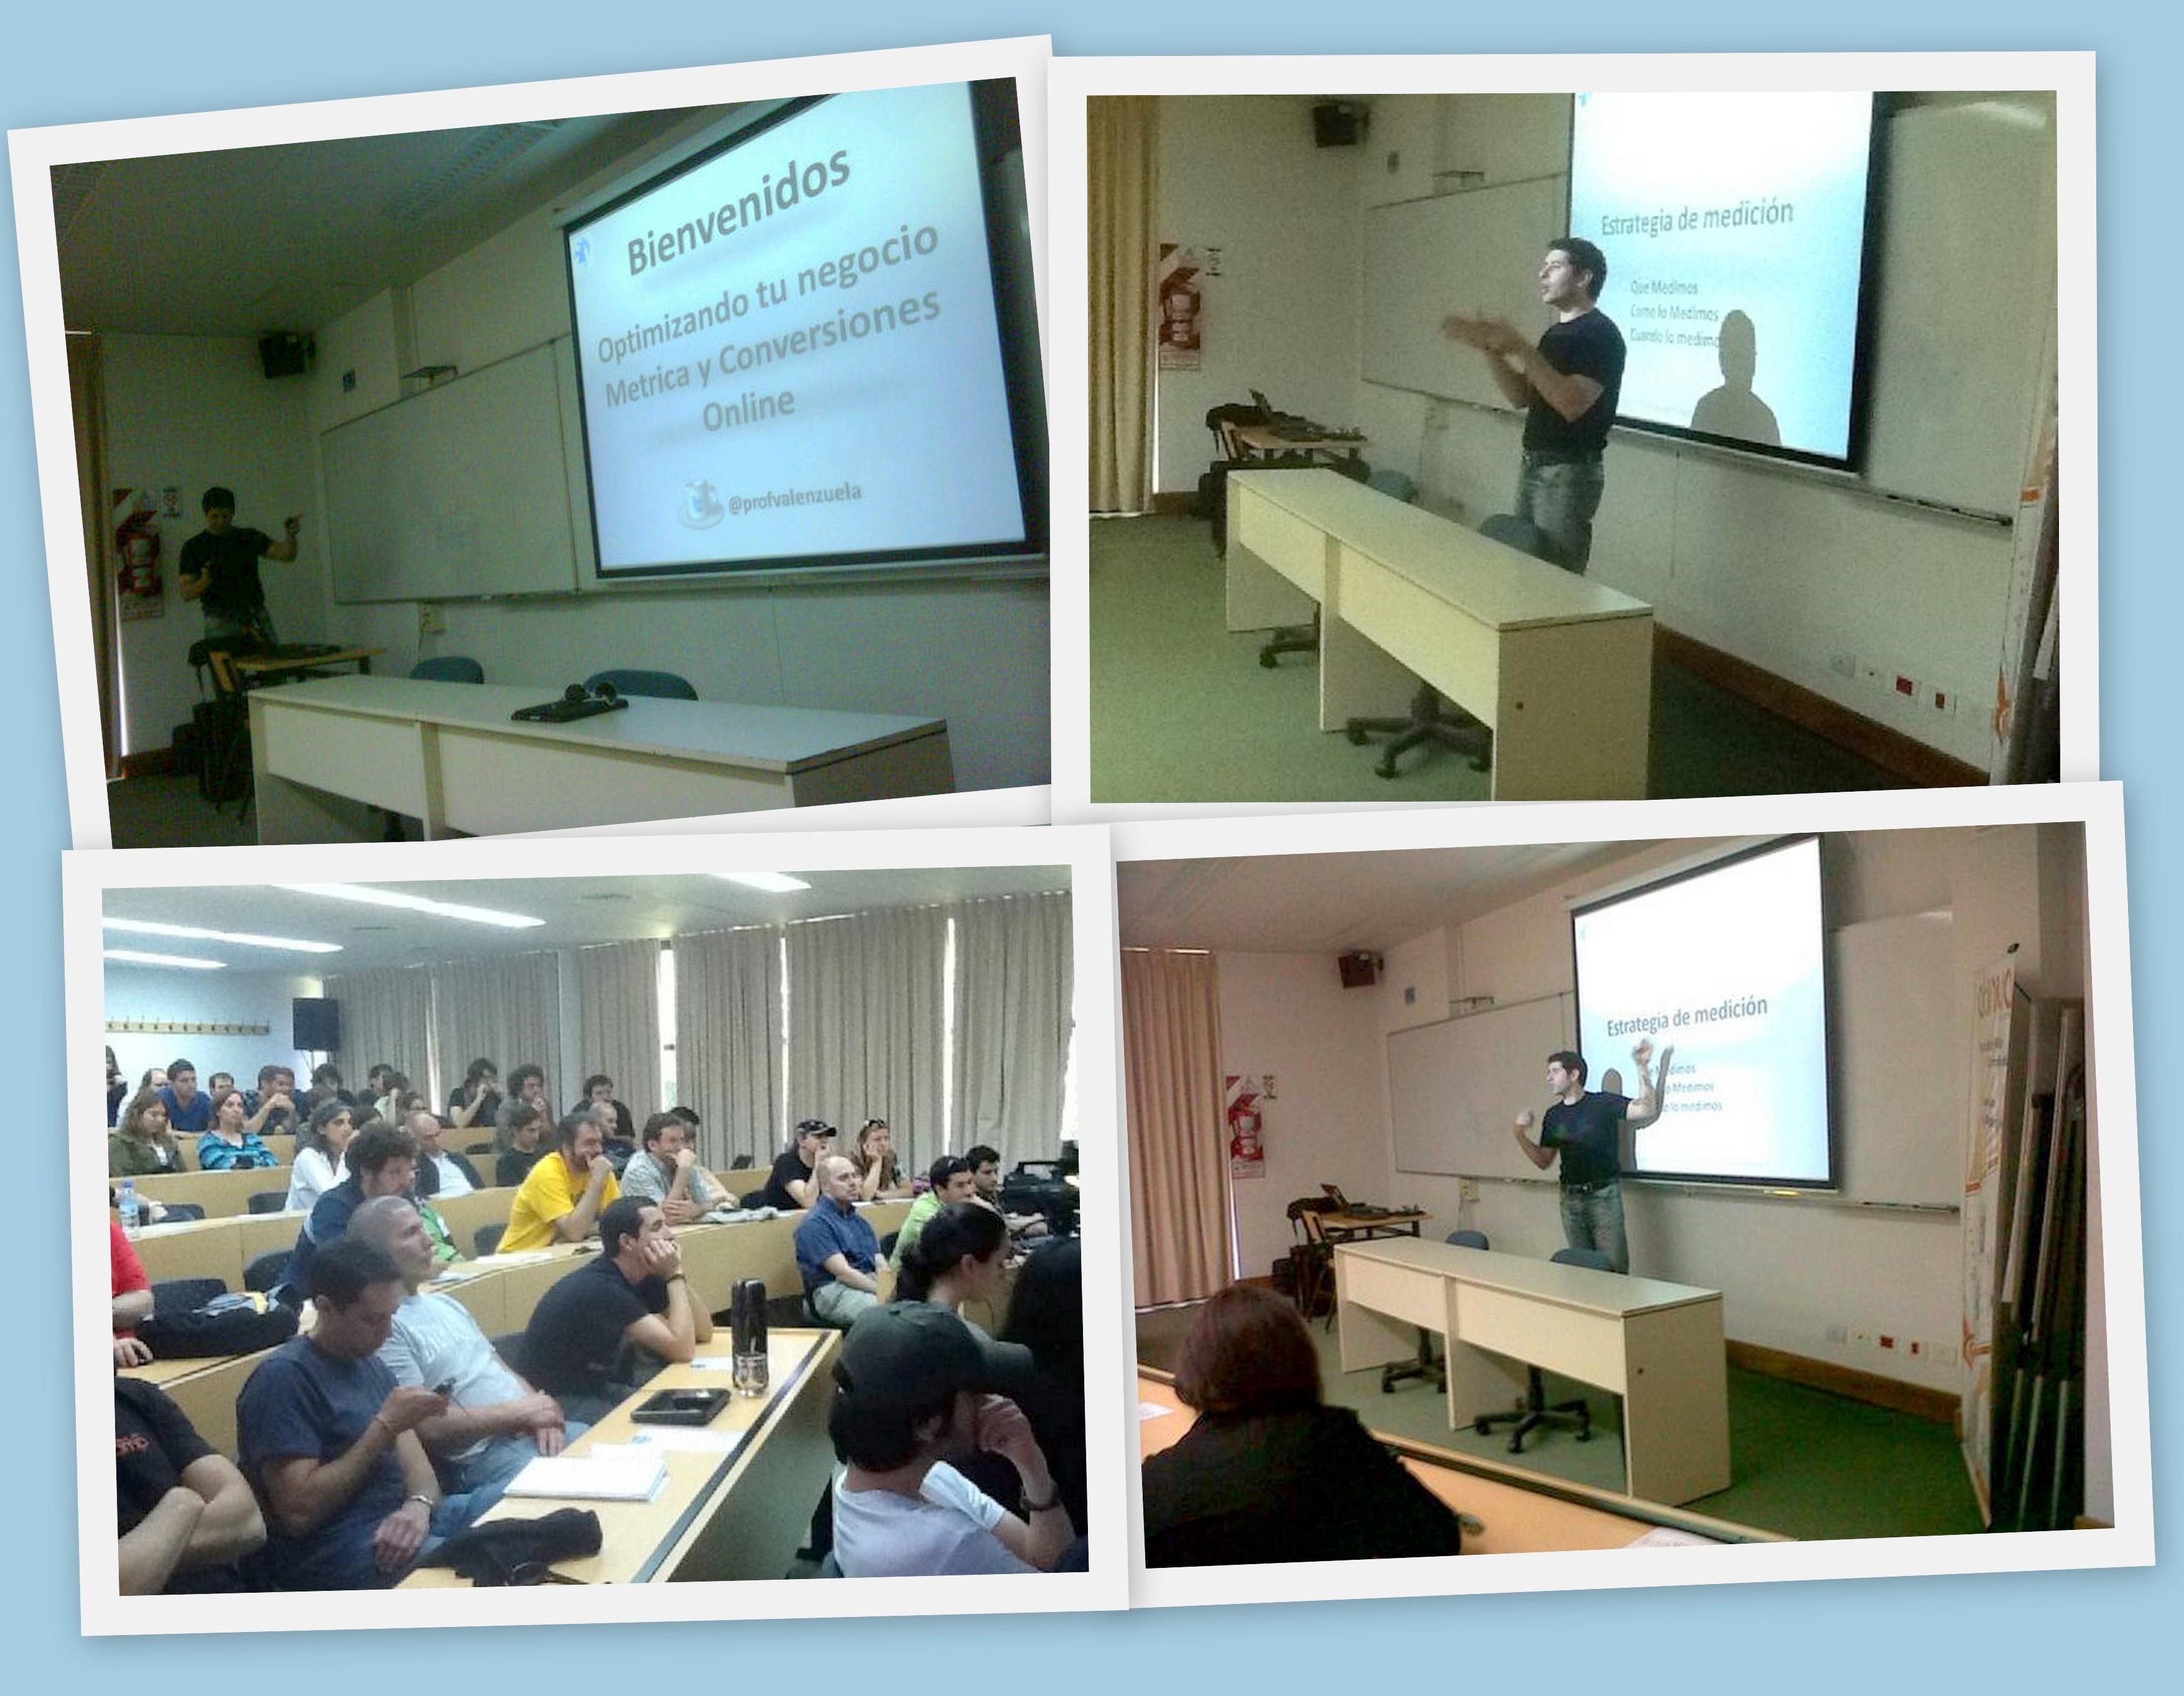 Optimizando tu Negocio Online | BarCampBA 2011